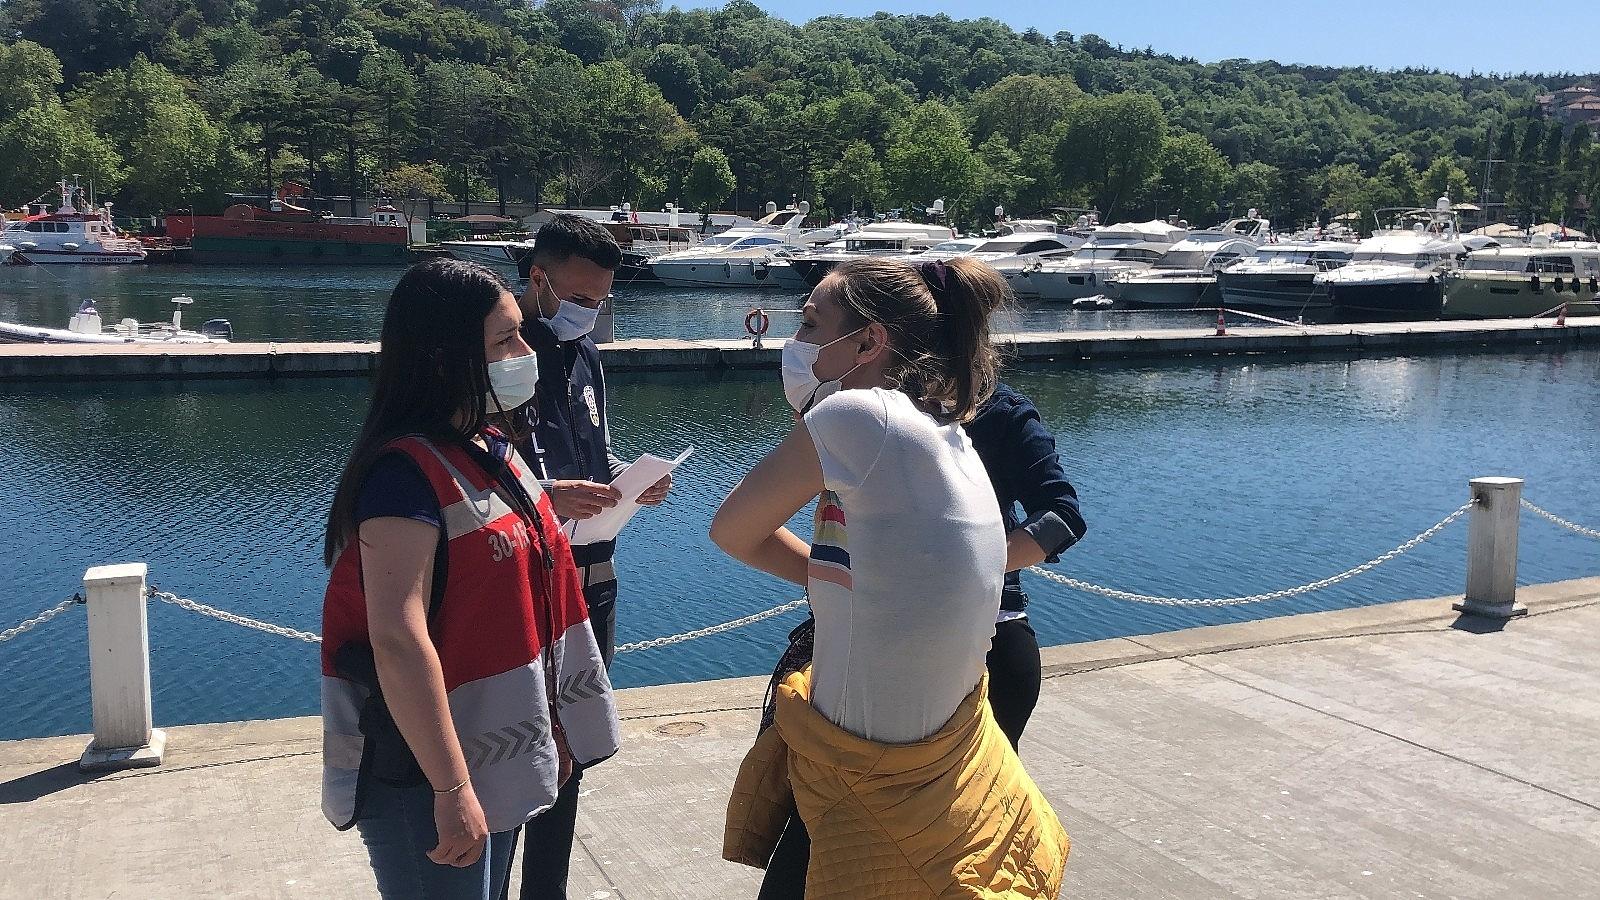 2021/05/sariyerde-denize-girdiler-polisi-gorunce-giyinemeden-kactilar-20210514AW31-2.jpg